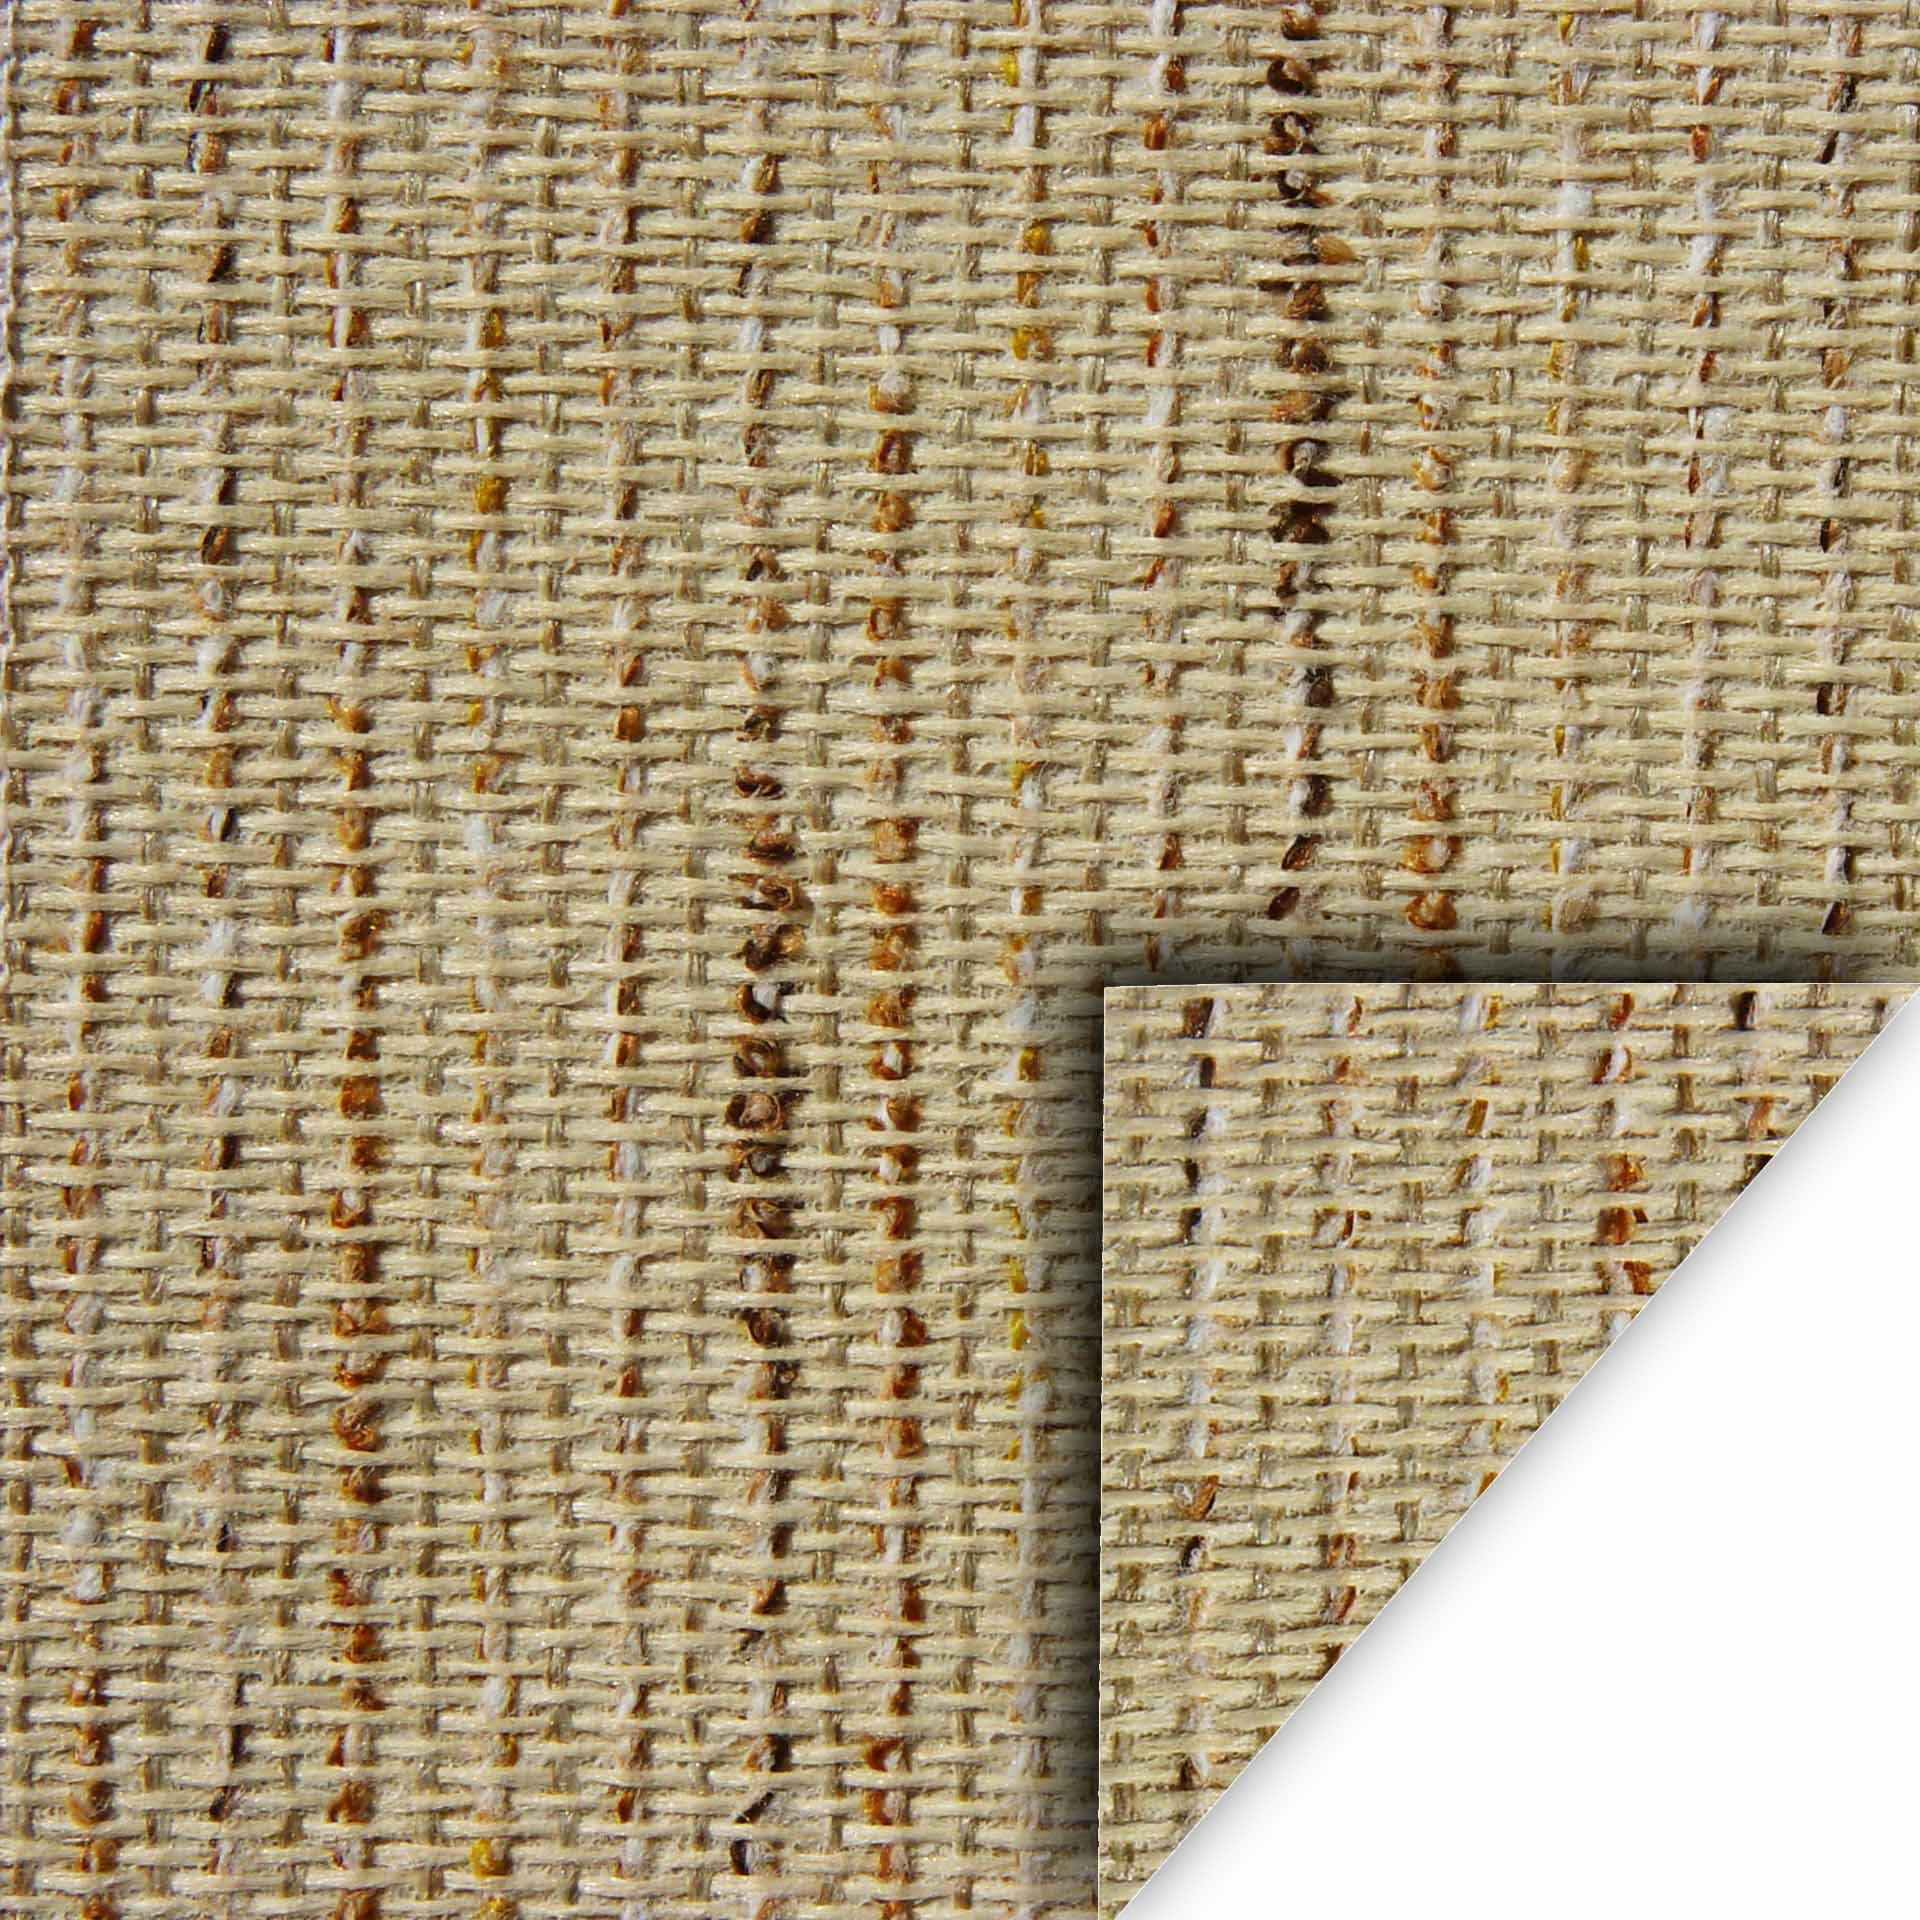 meubelstof ebony voor rotan kussens